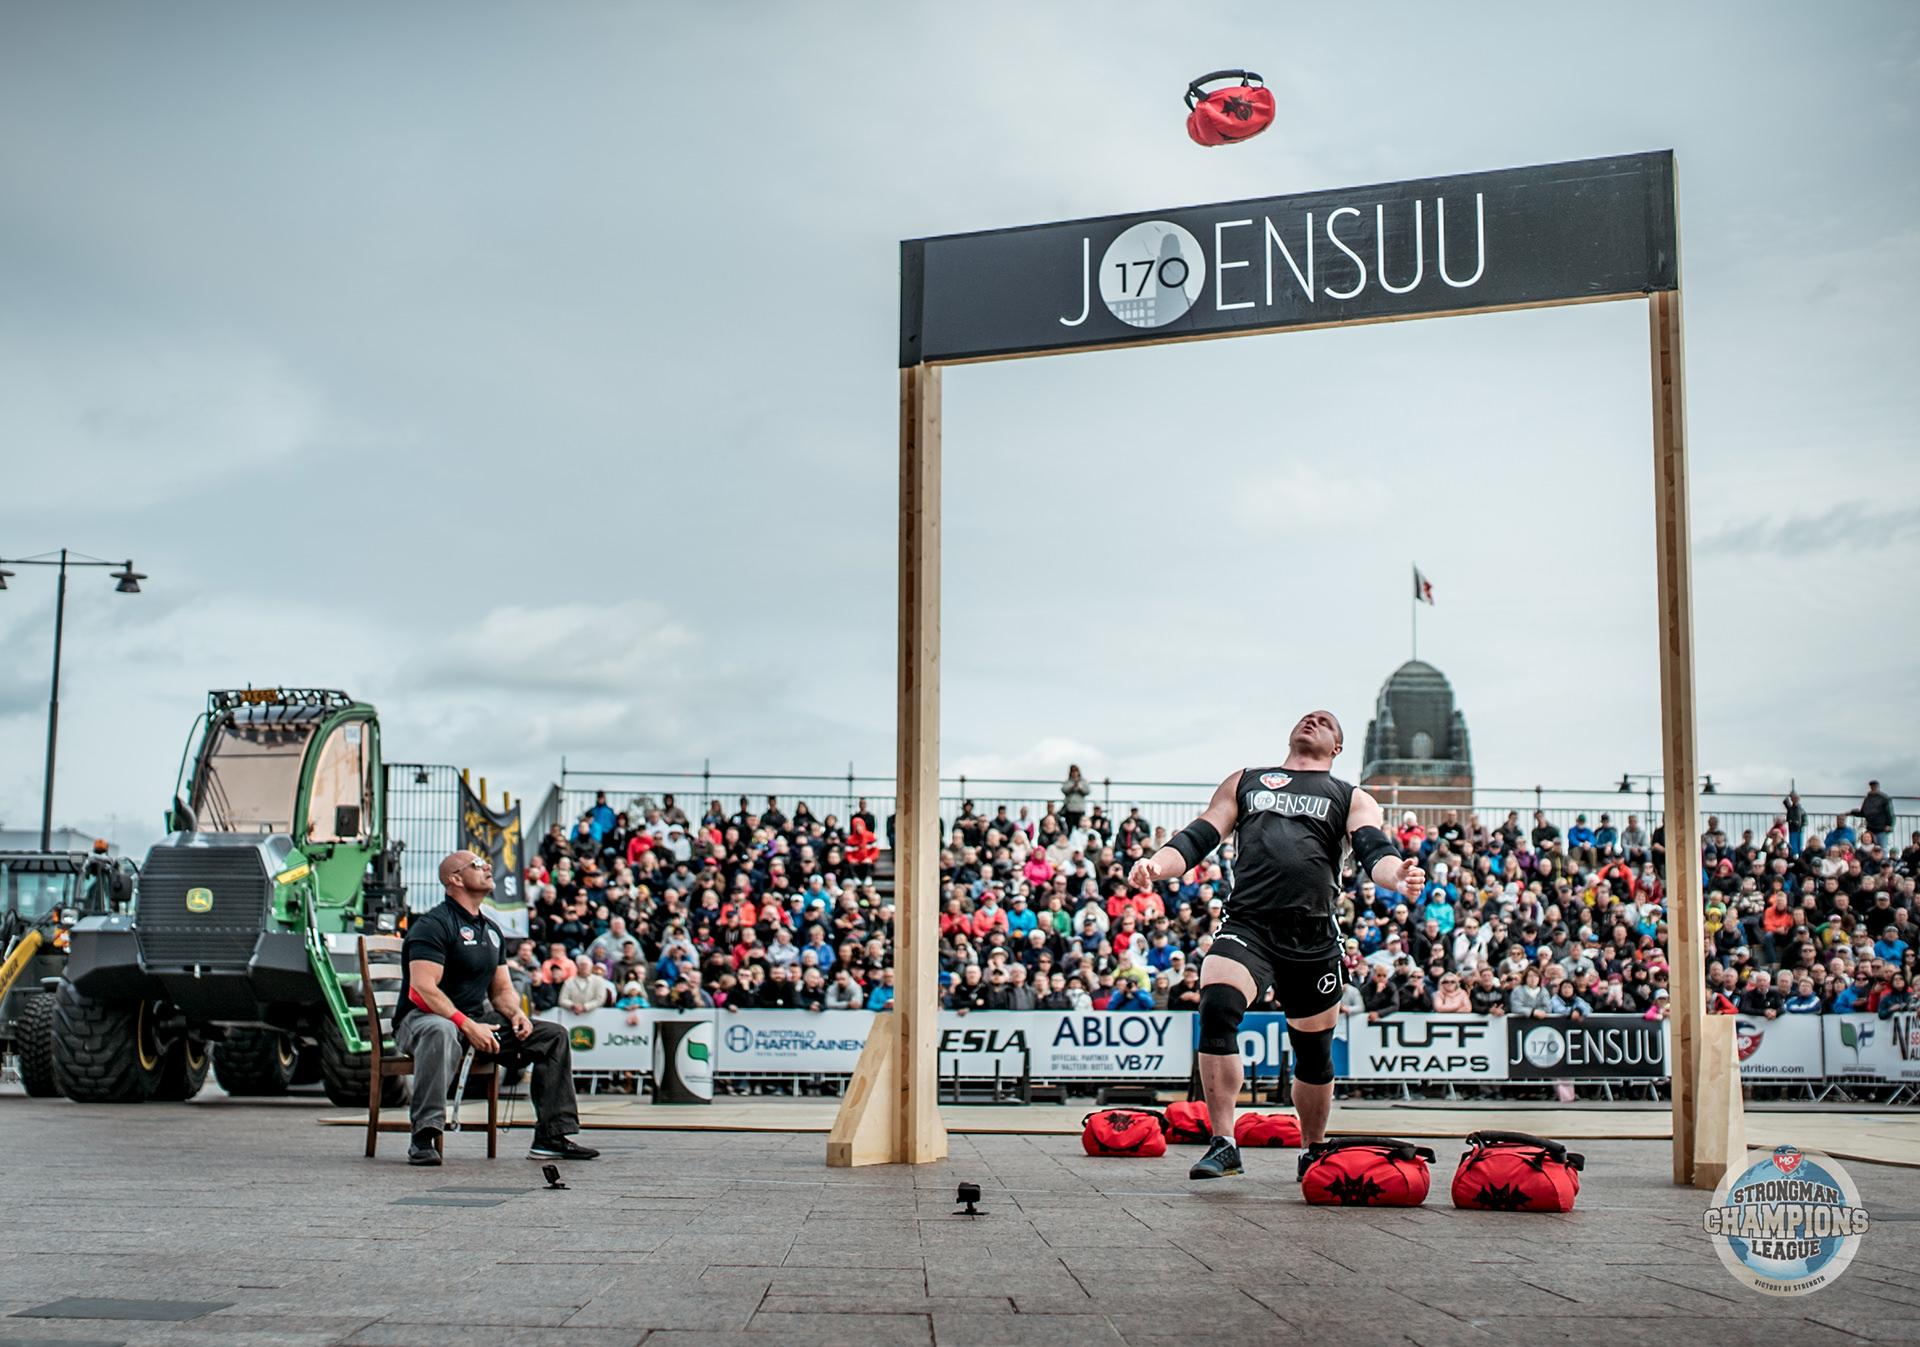 Mateusz Kieliszkowski From Poland Takes The Crown In MLO SCL Finland 2019